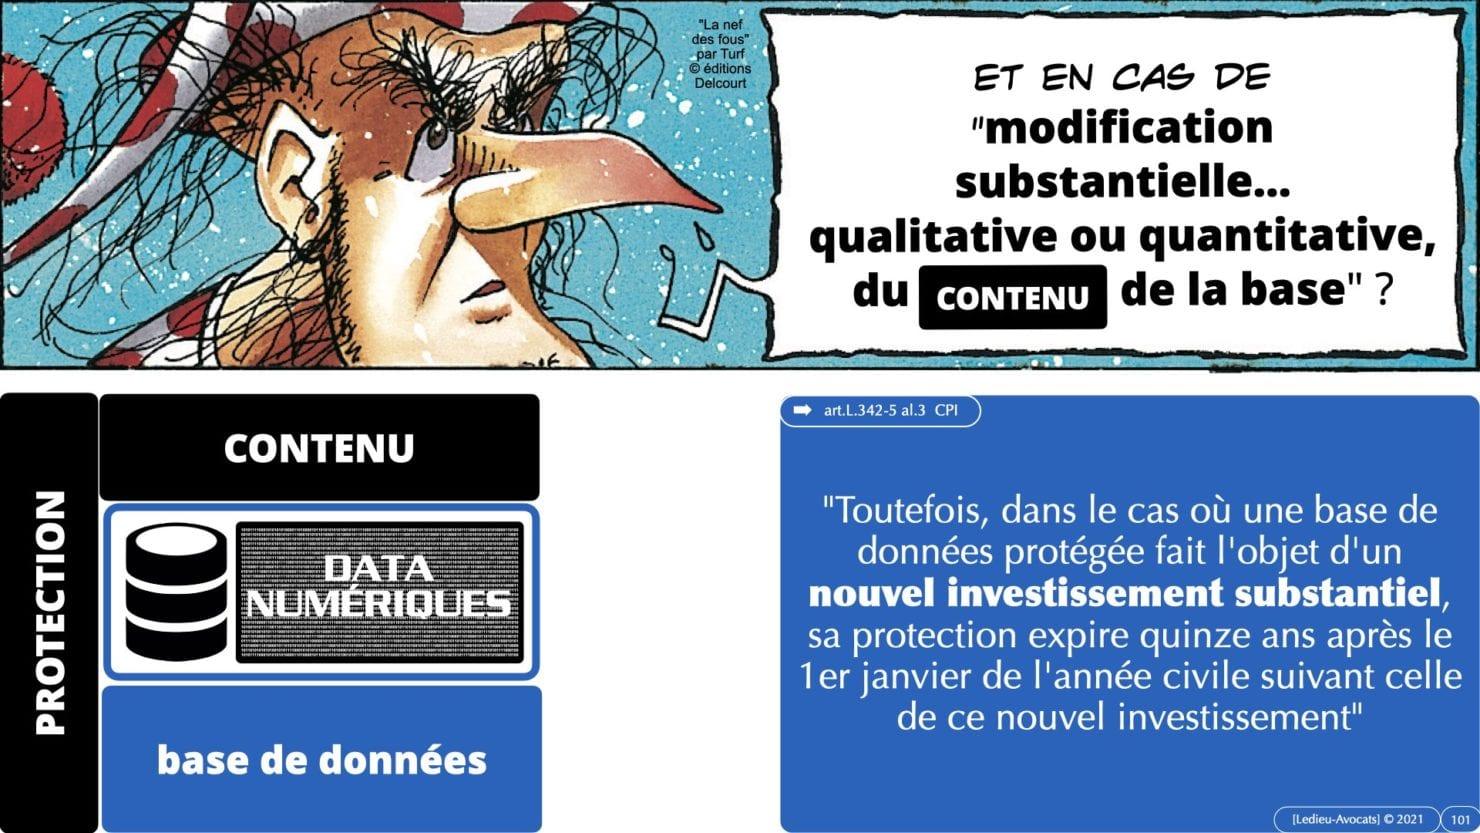 334 extraction indexation BASE DE DONNEES © Ledieu-avocat 24-05-2021.101